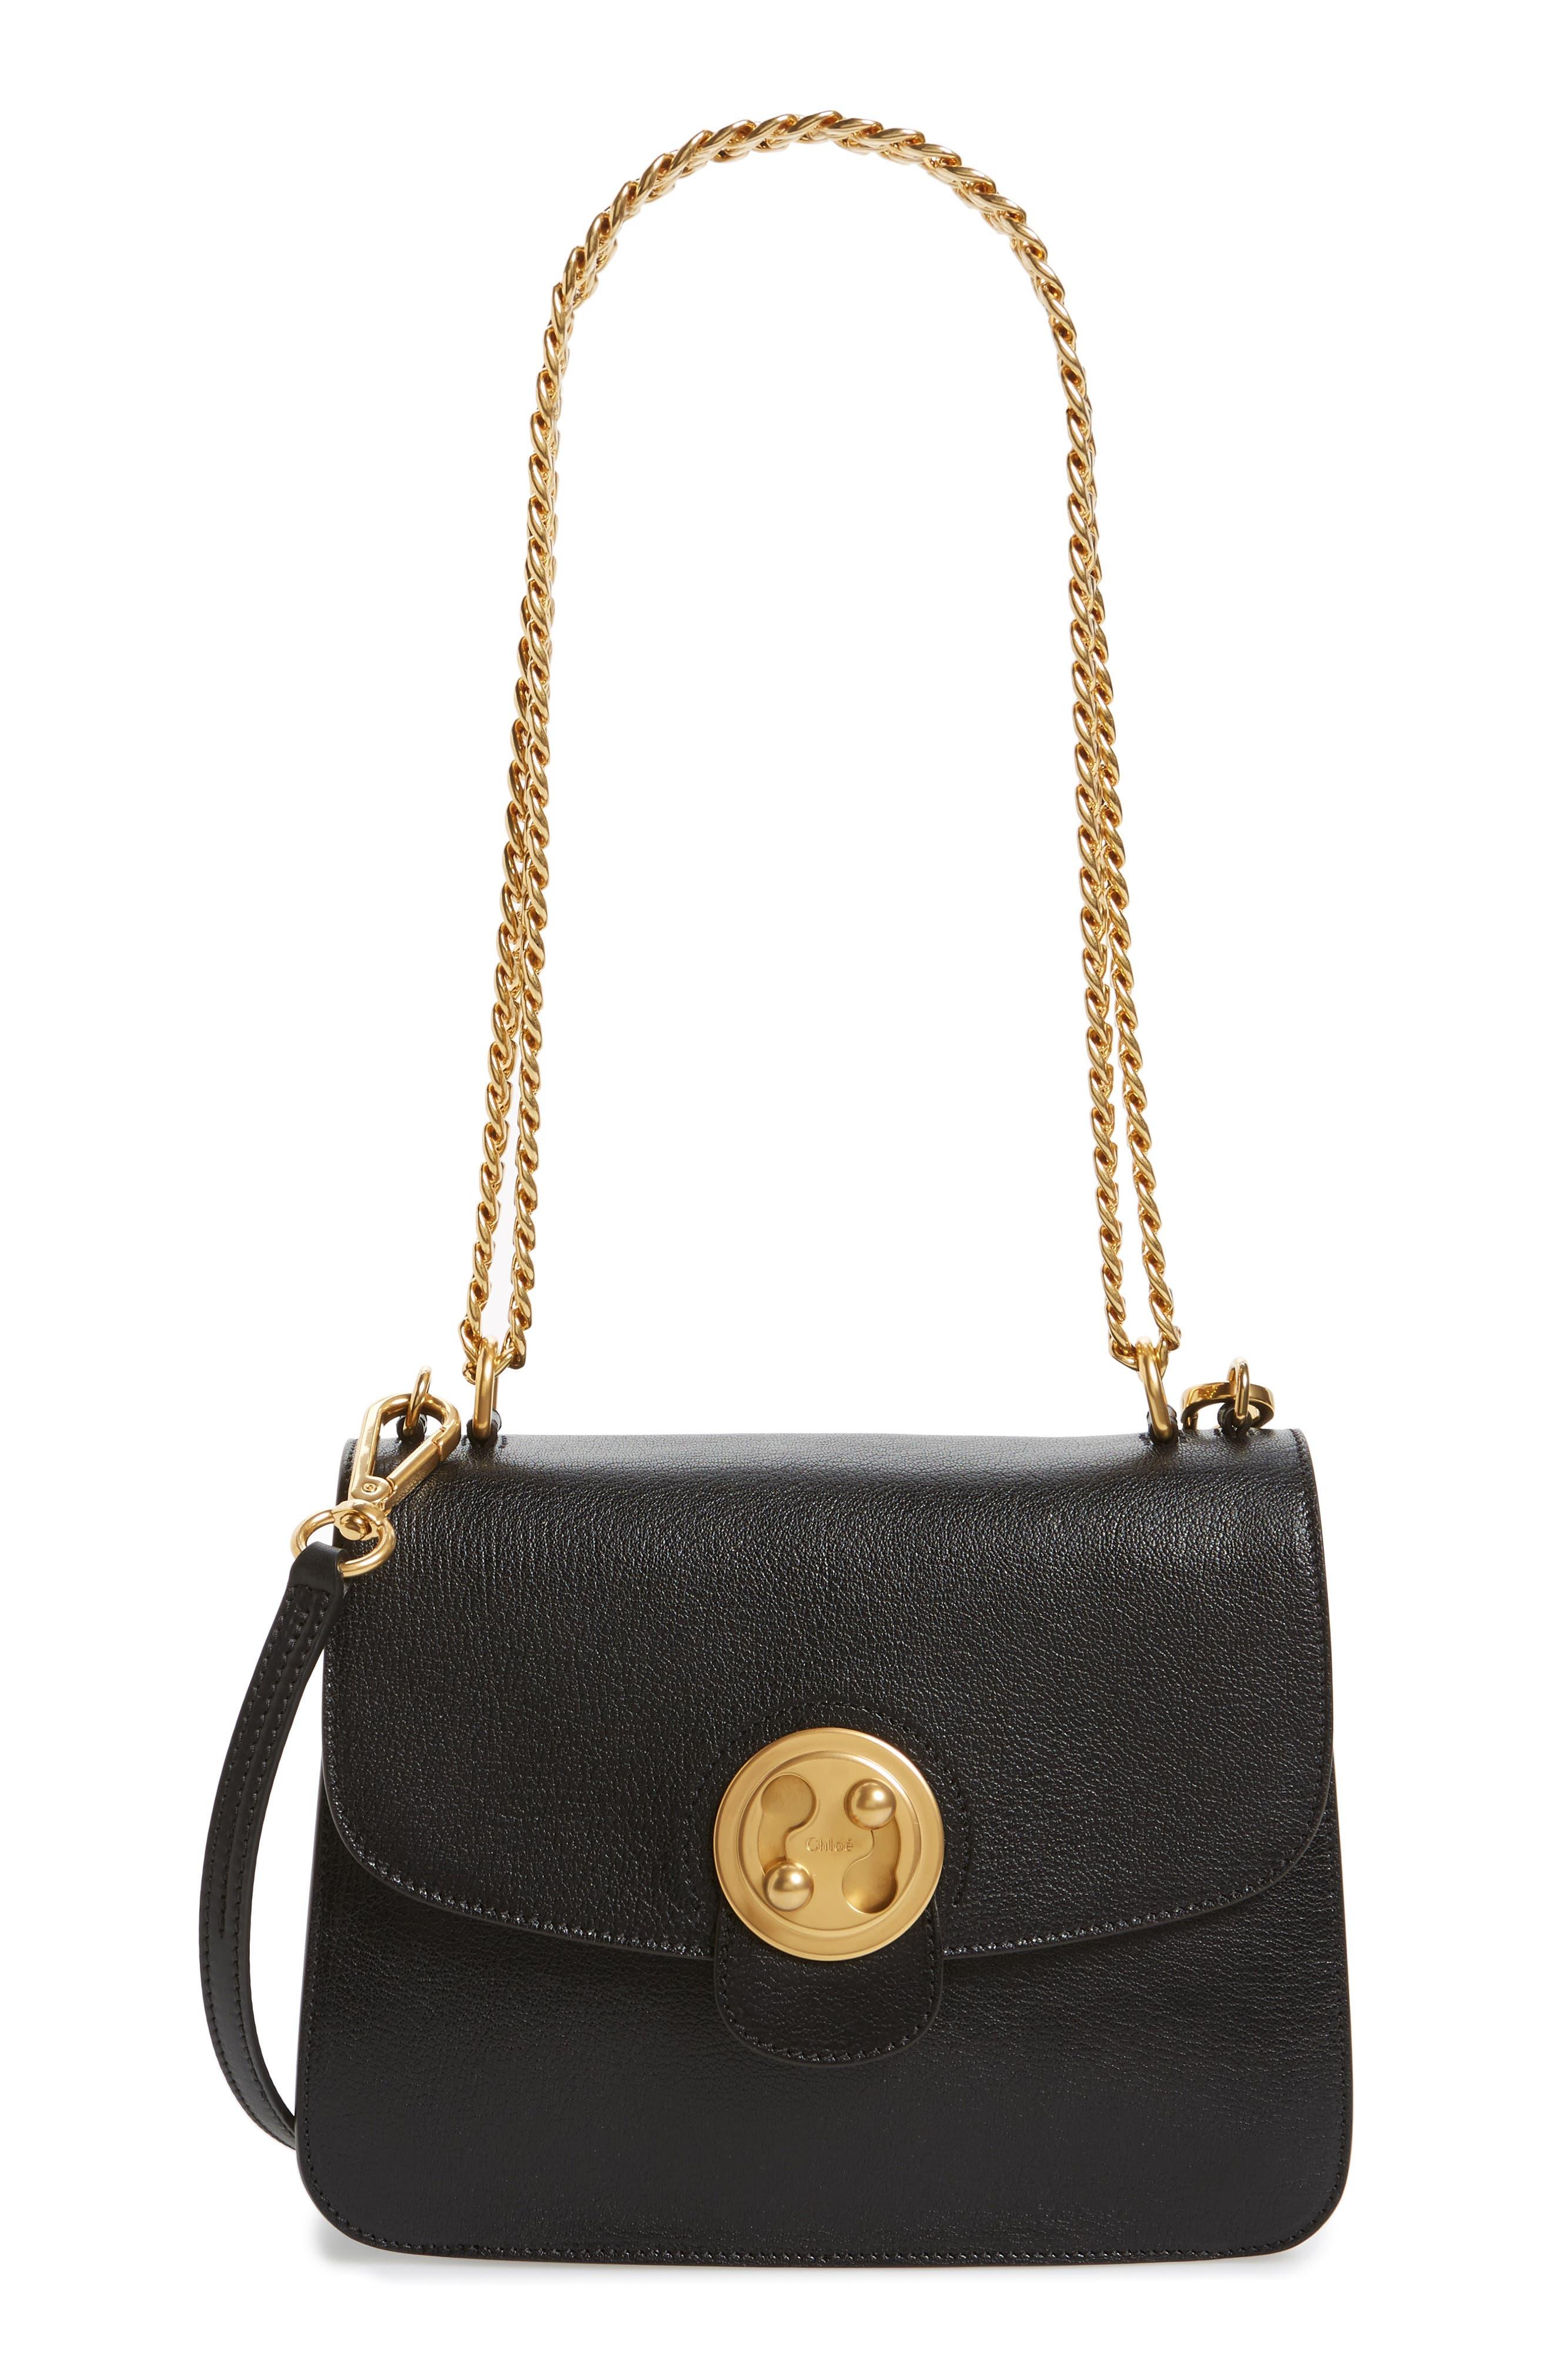 Alternate Image 1 Selected - Chloé Medium Mily Leather Shoulder Bag